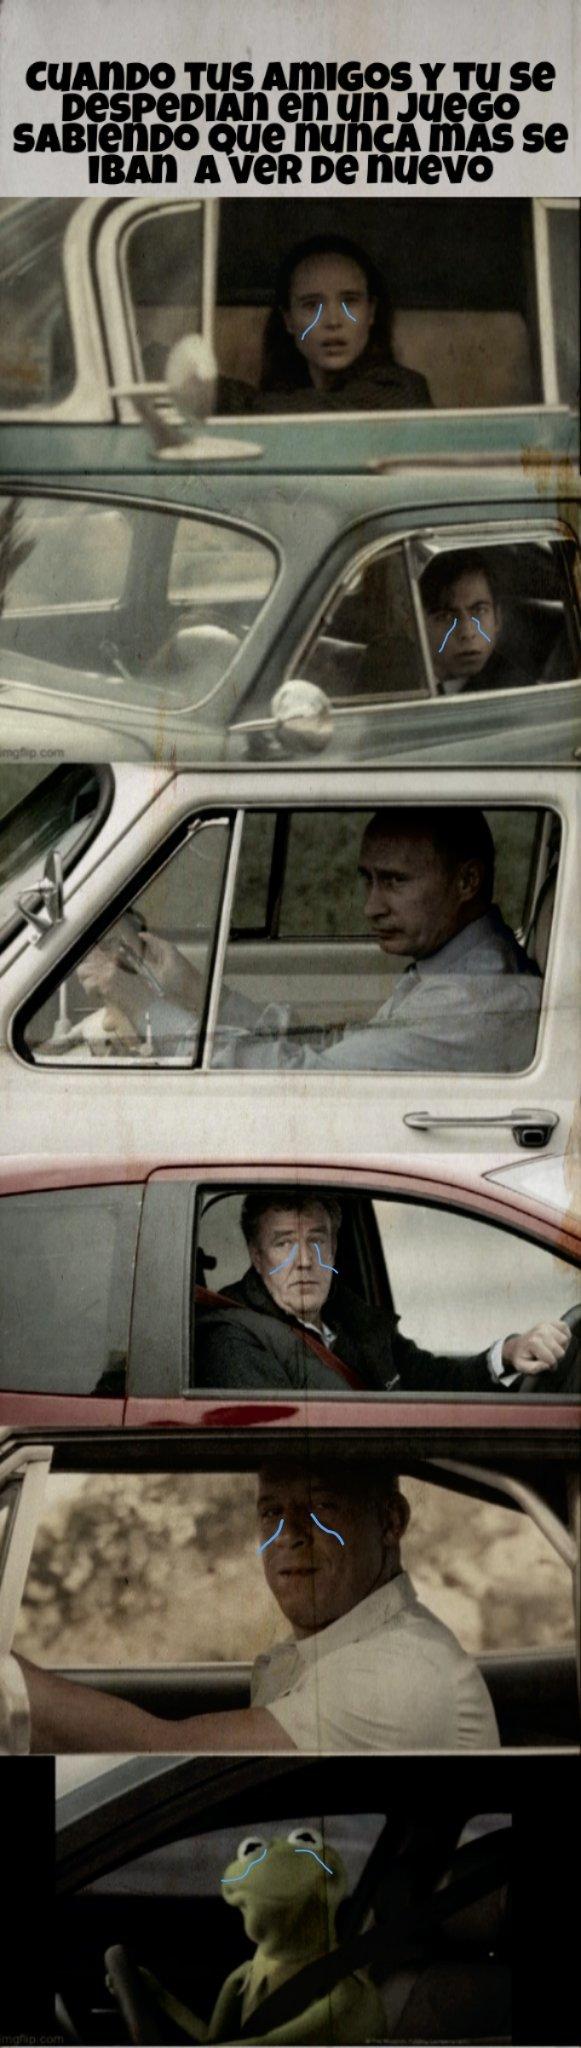 Creditos a:kaleno87 por la plantilla. Putin no llora - meme